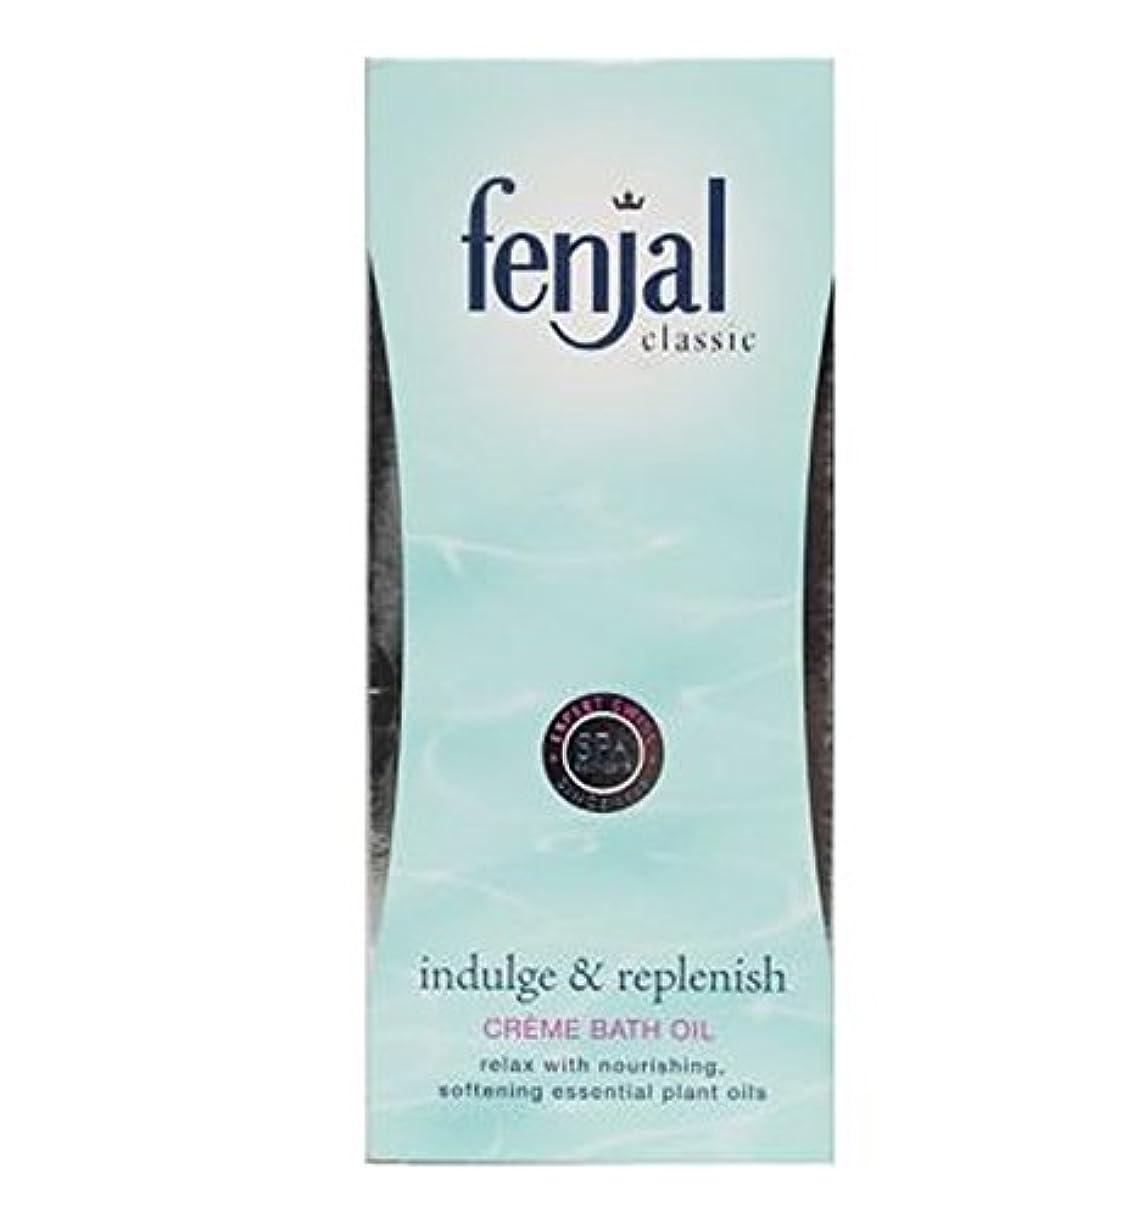 適性鋸歯状気分が良いFenjal Classic Luxury Creme Bath Oil 125 ml - Fenjal古典的な高級クリームバスオイル125ミリリットル (Fenjal) [並行輸入品]